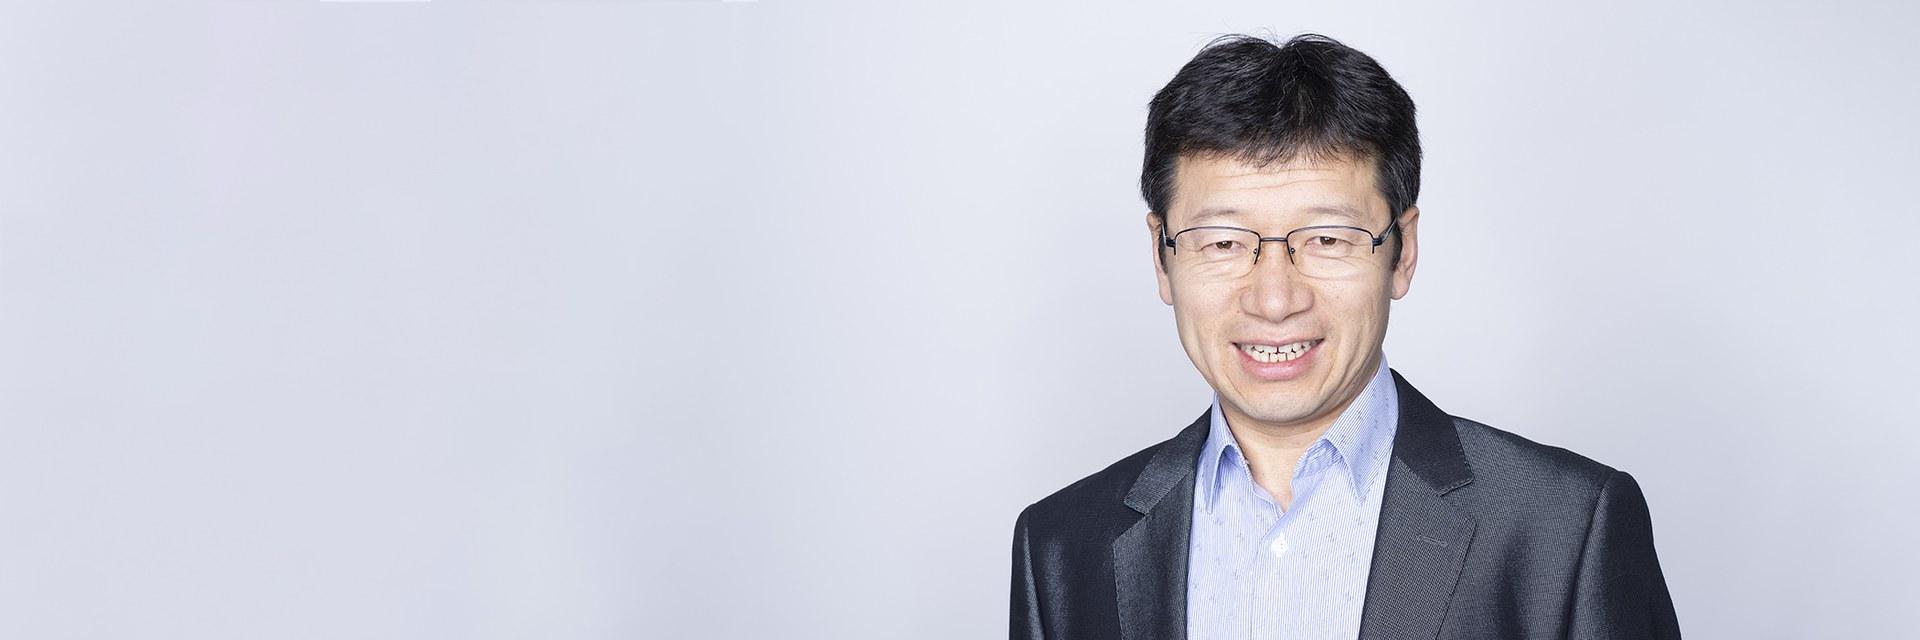 Fengyong Zhang